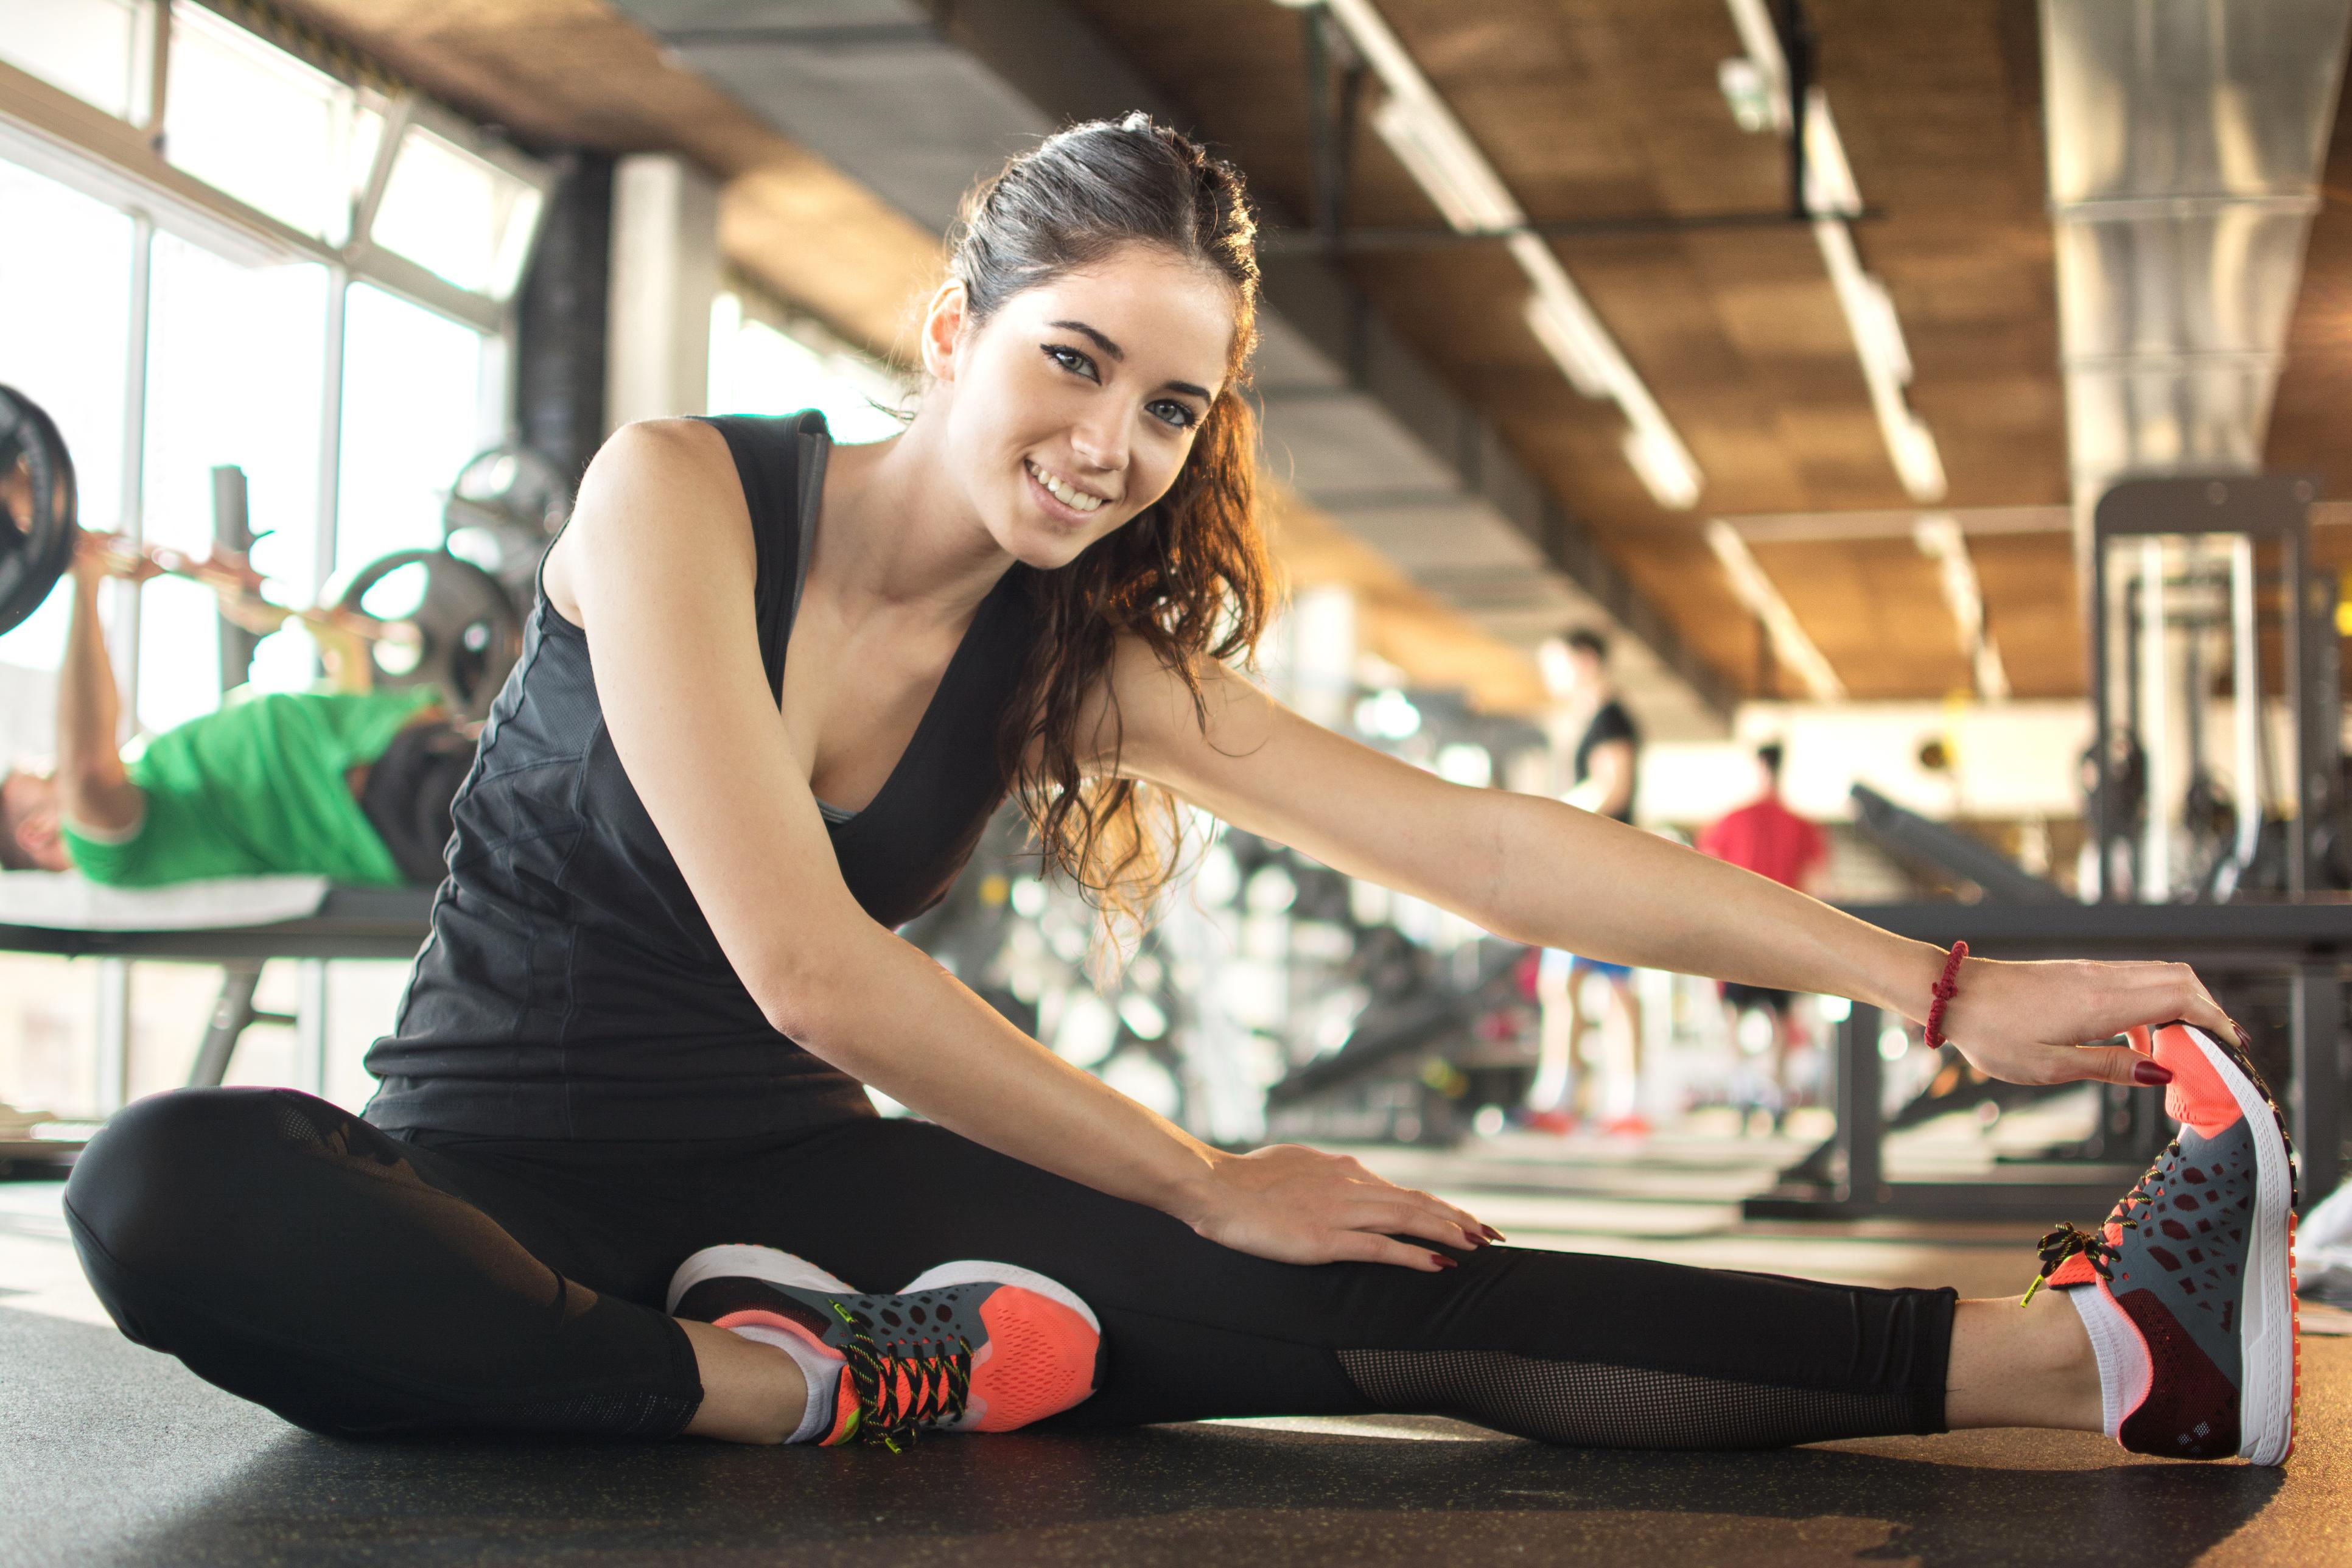 Як сісти на шпагат: вправи для поздовжньої і поперечної розтяжки